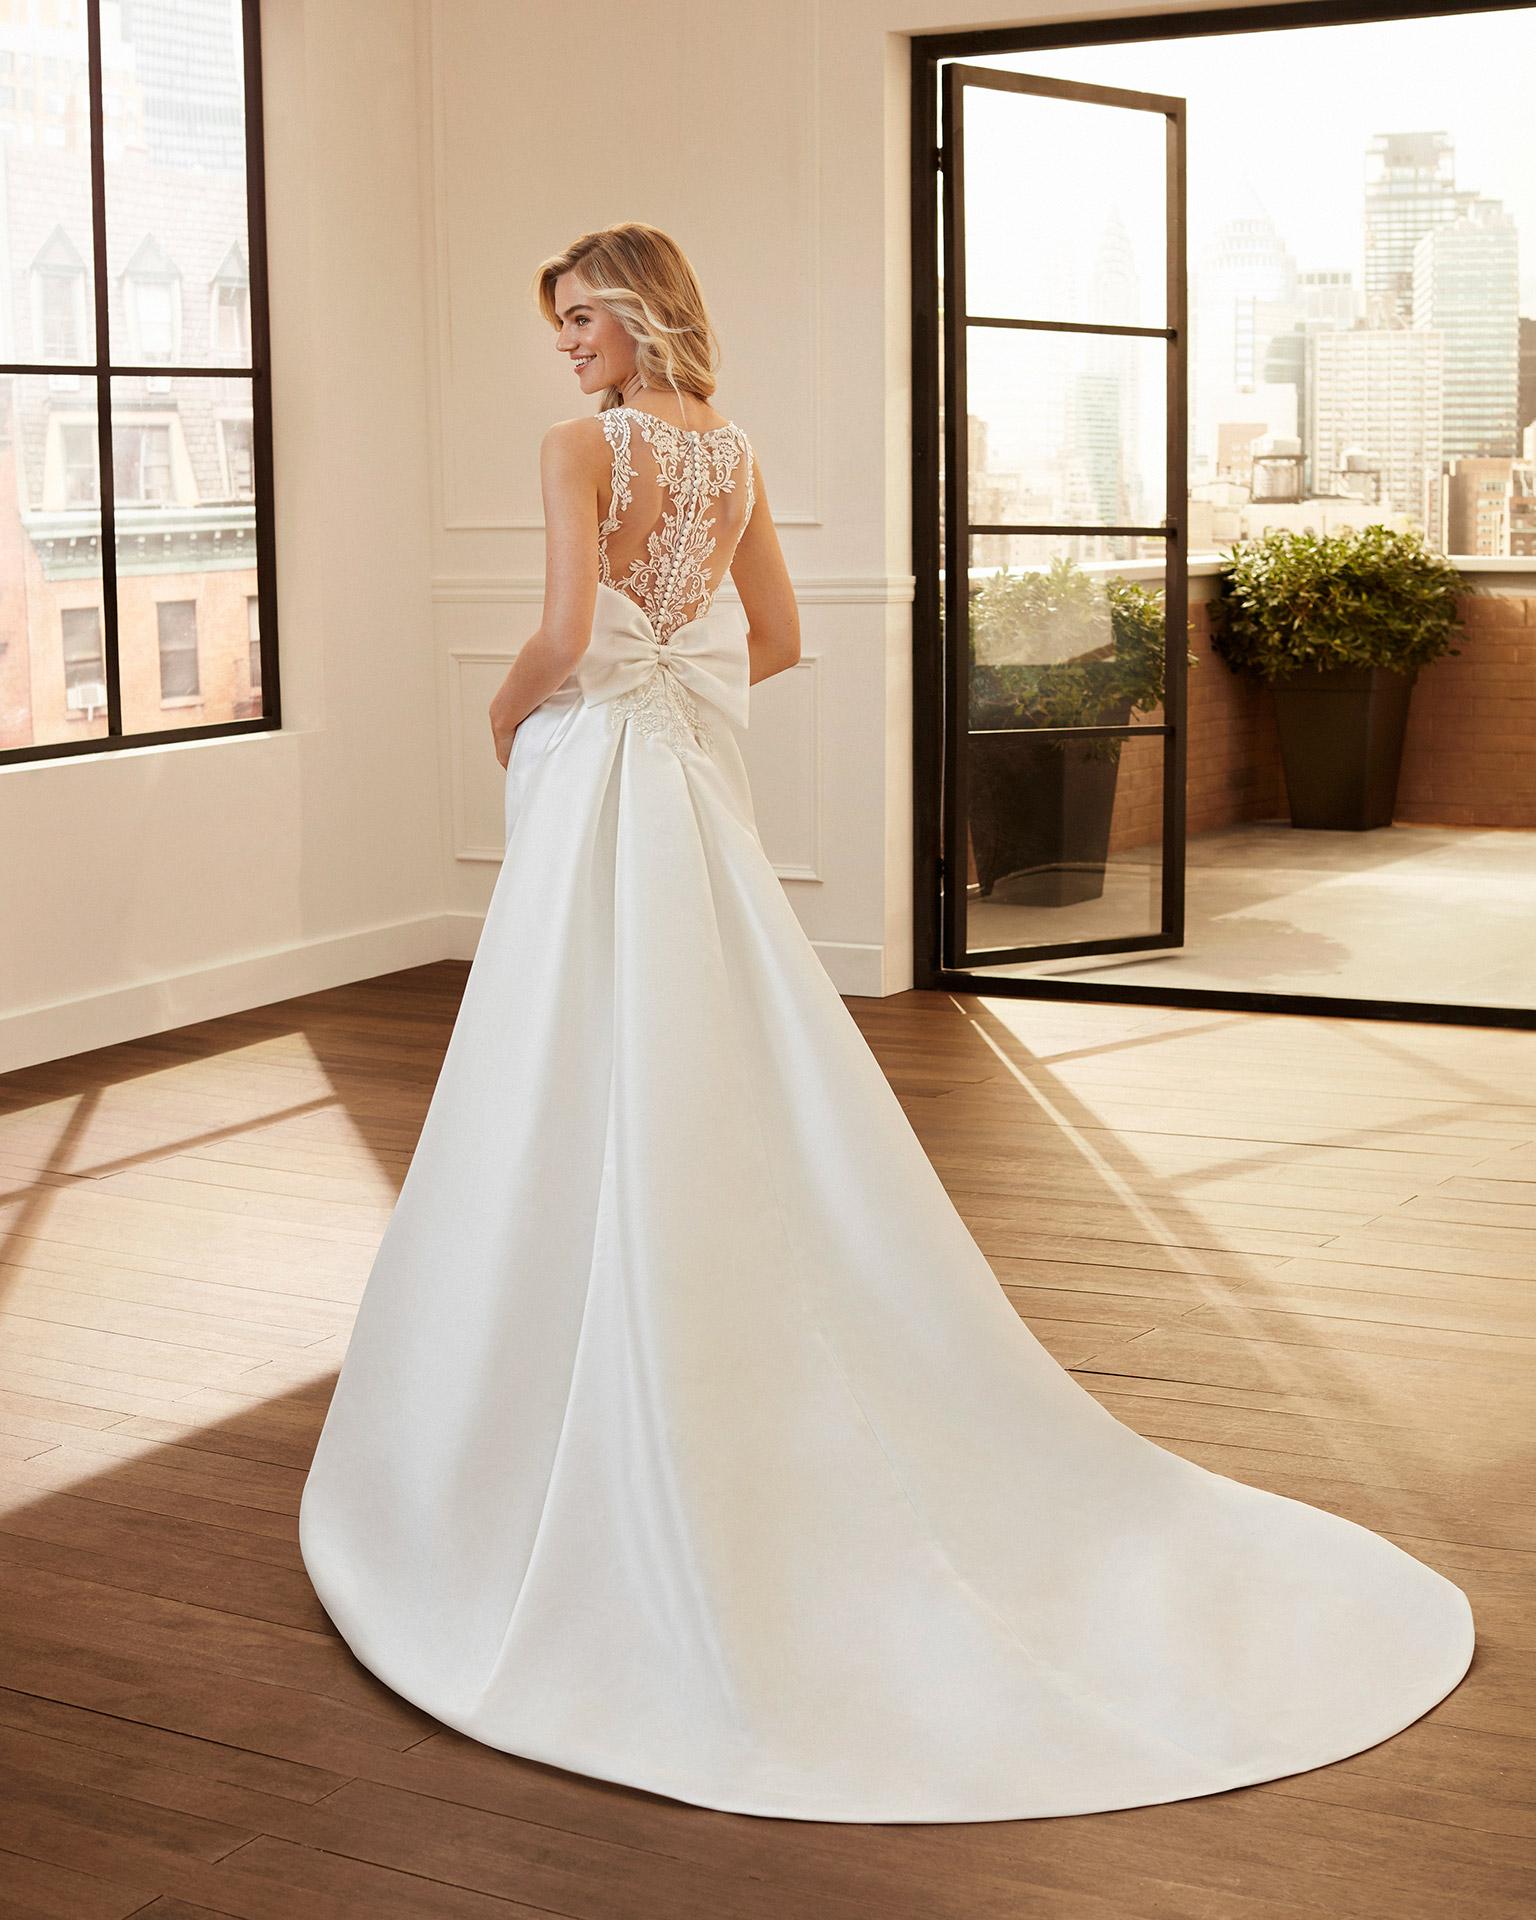 Vestido y cola de novia corte sirena de bari, encaje y pedrería escote barco y espalda con transparencias. Colección  2020.